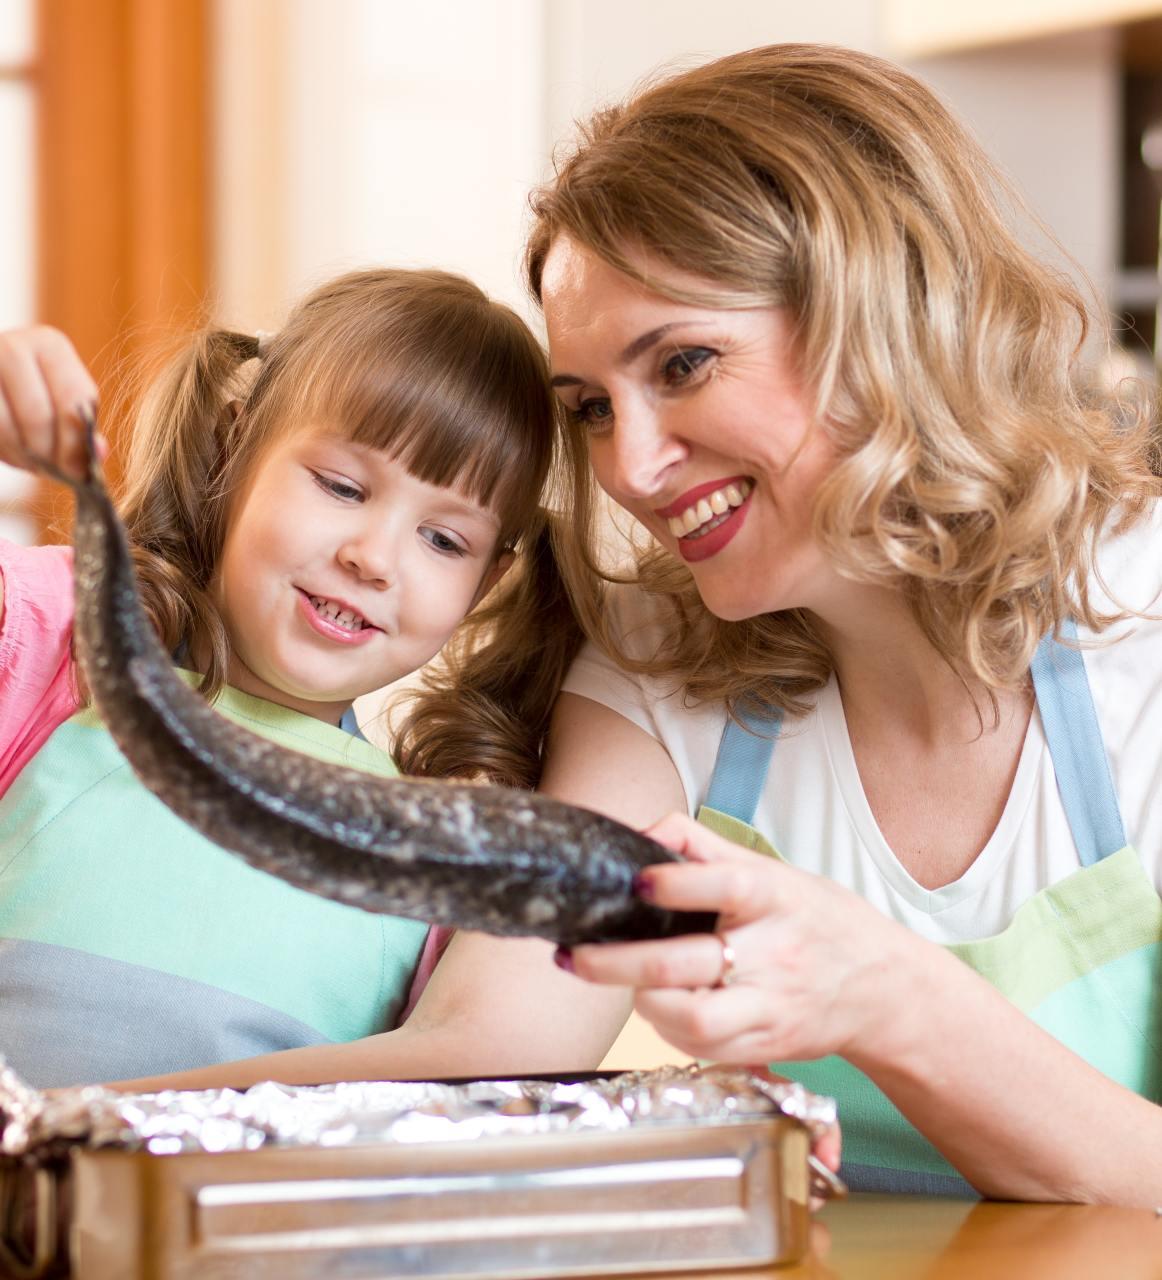 Niña y mujer mirando un pescado